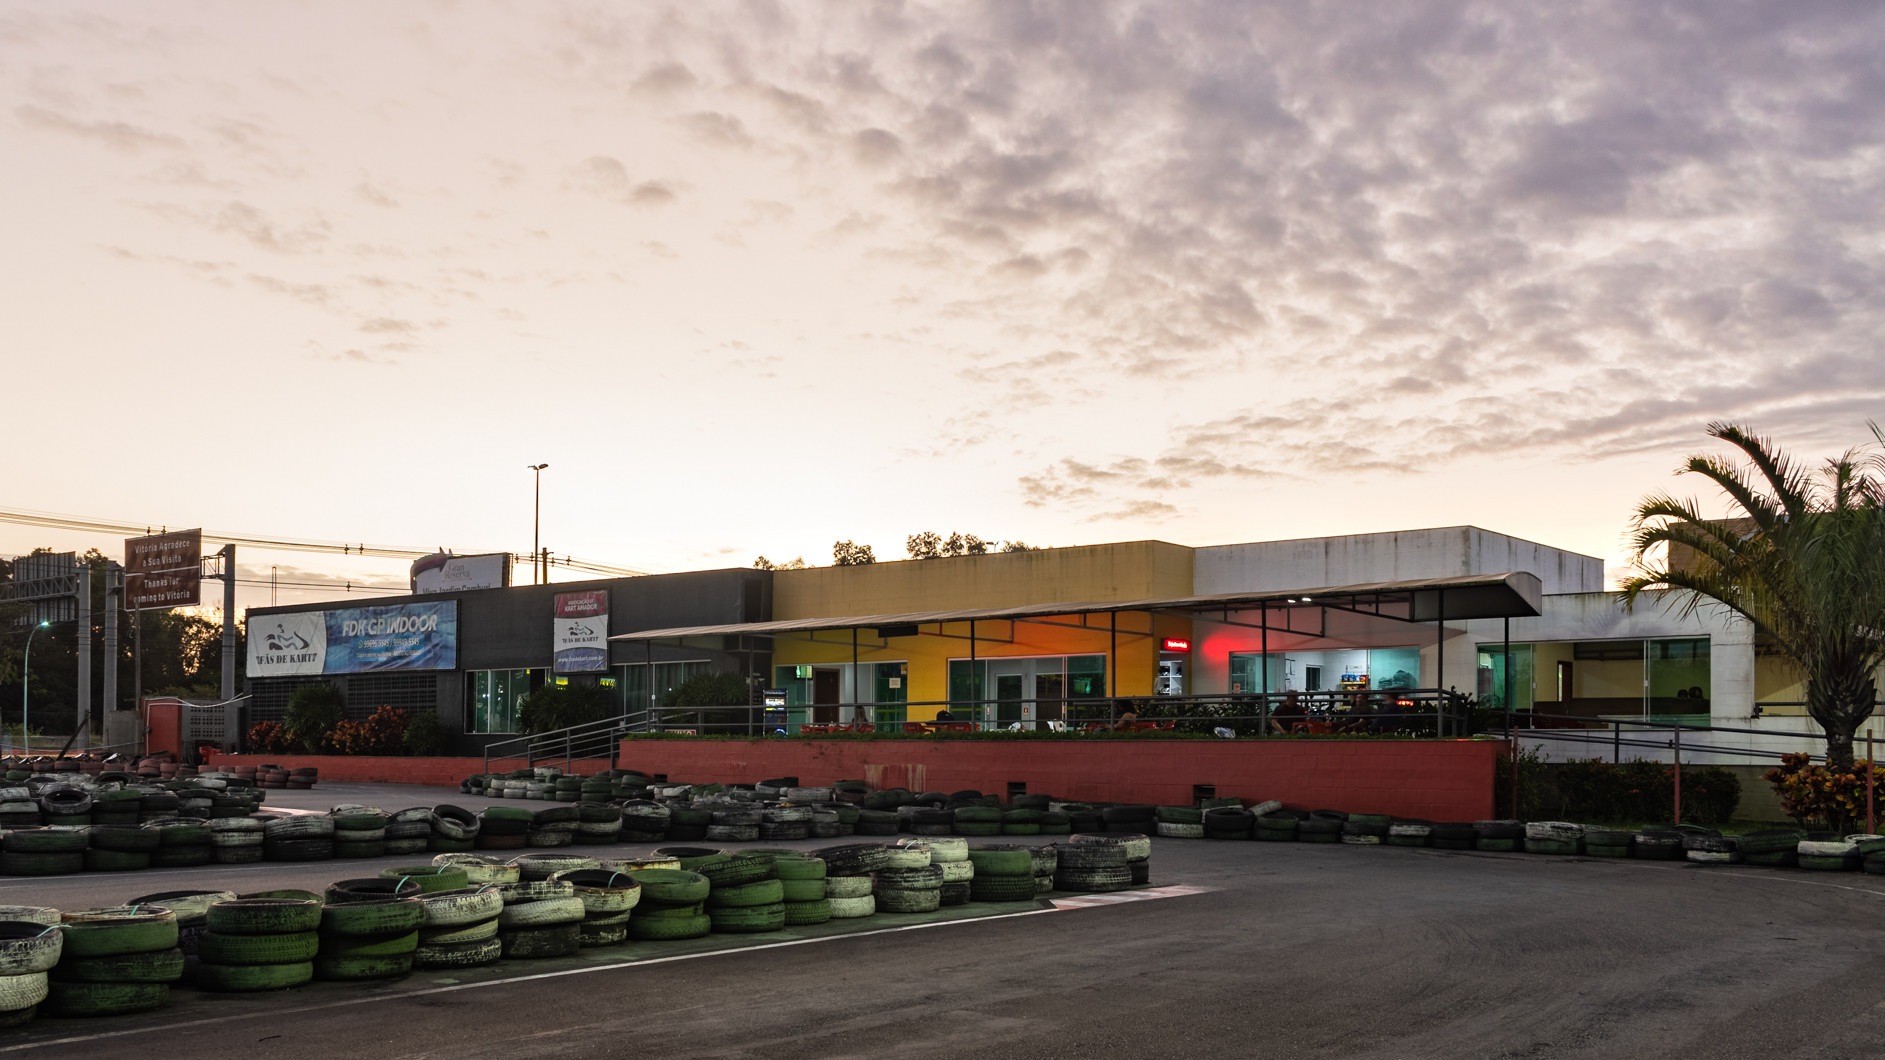 Kartódromo Fãs de Kart GP Indoor